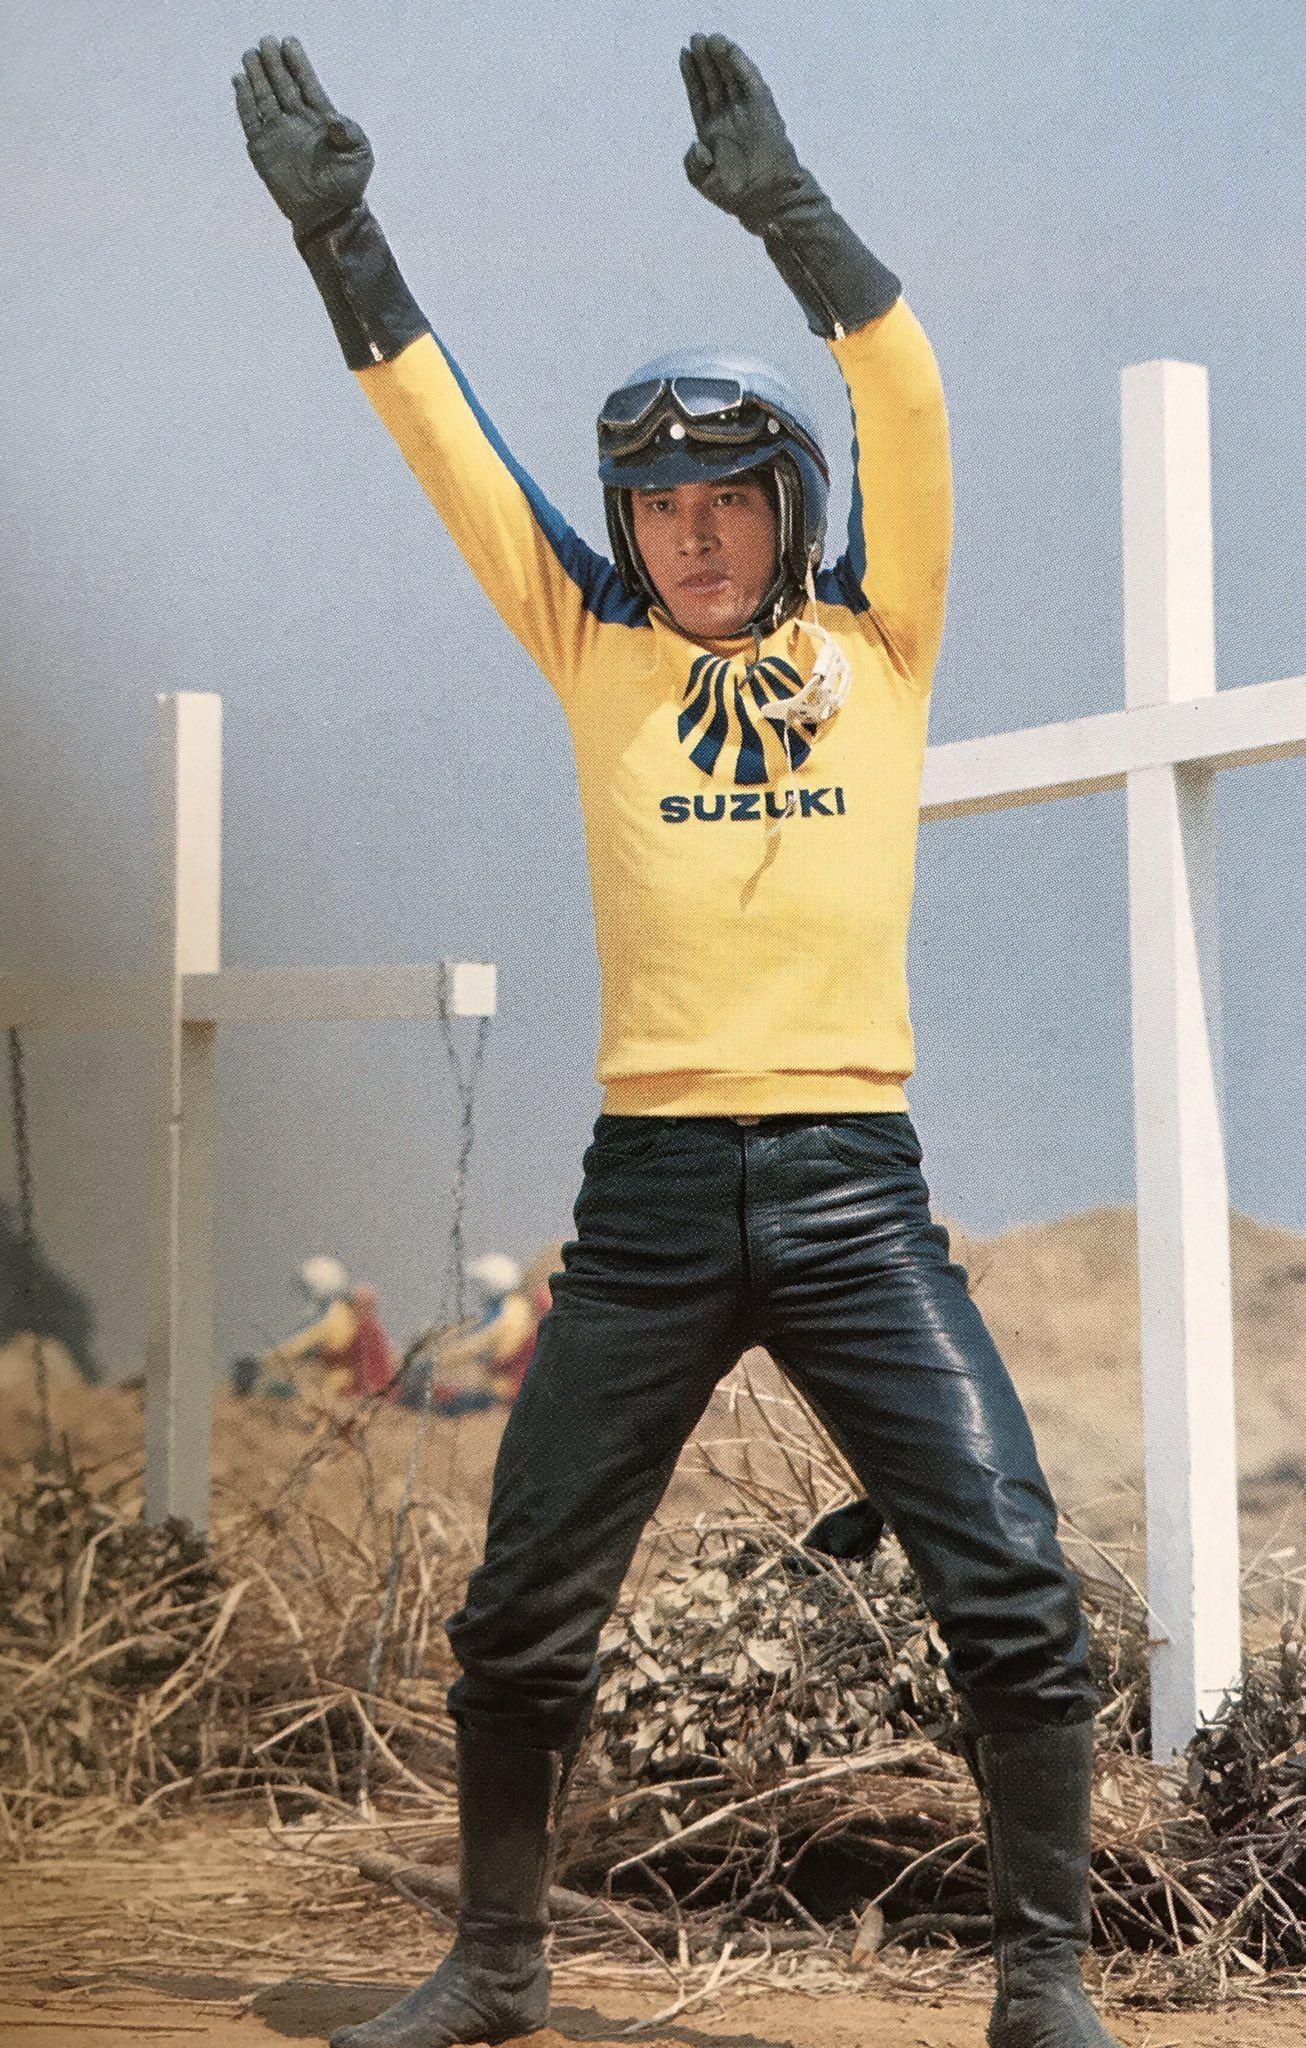 1973 1988 kamen rider おしゃれまとめの人気アイデア pinterest xcbbsnnsxj sean ut 仮面ライダーv3 仮面ライダー ヒーロー